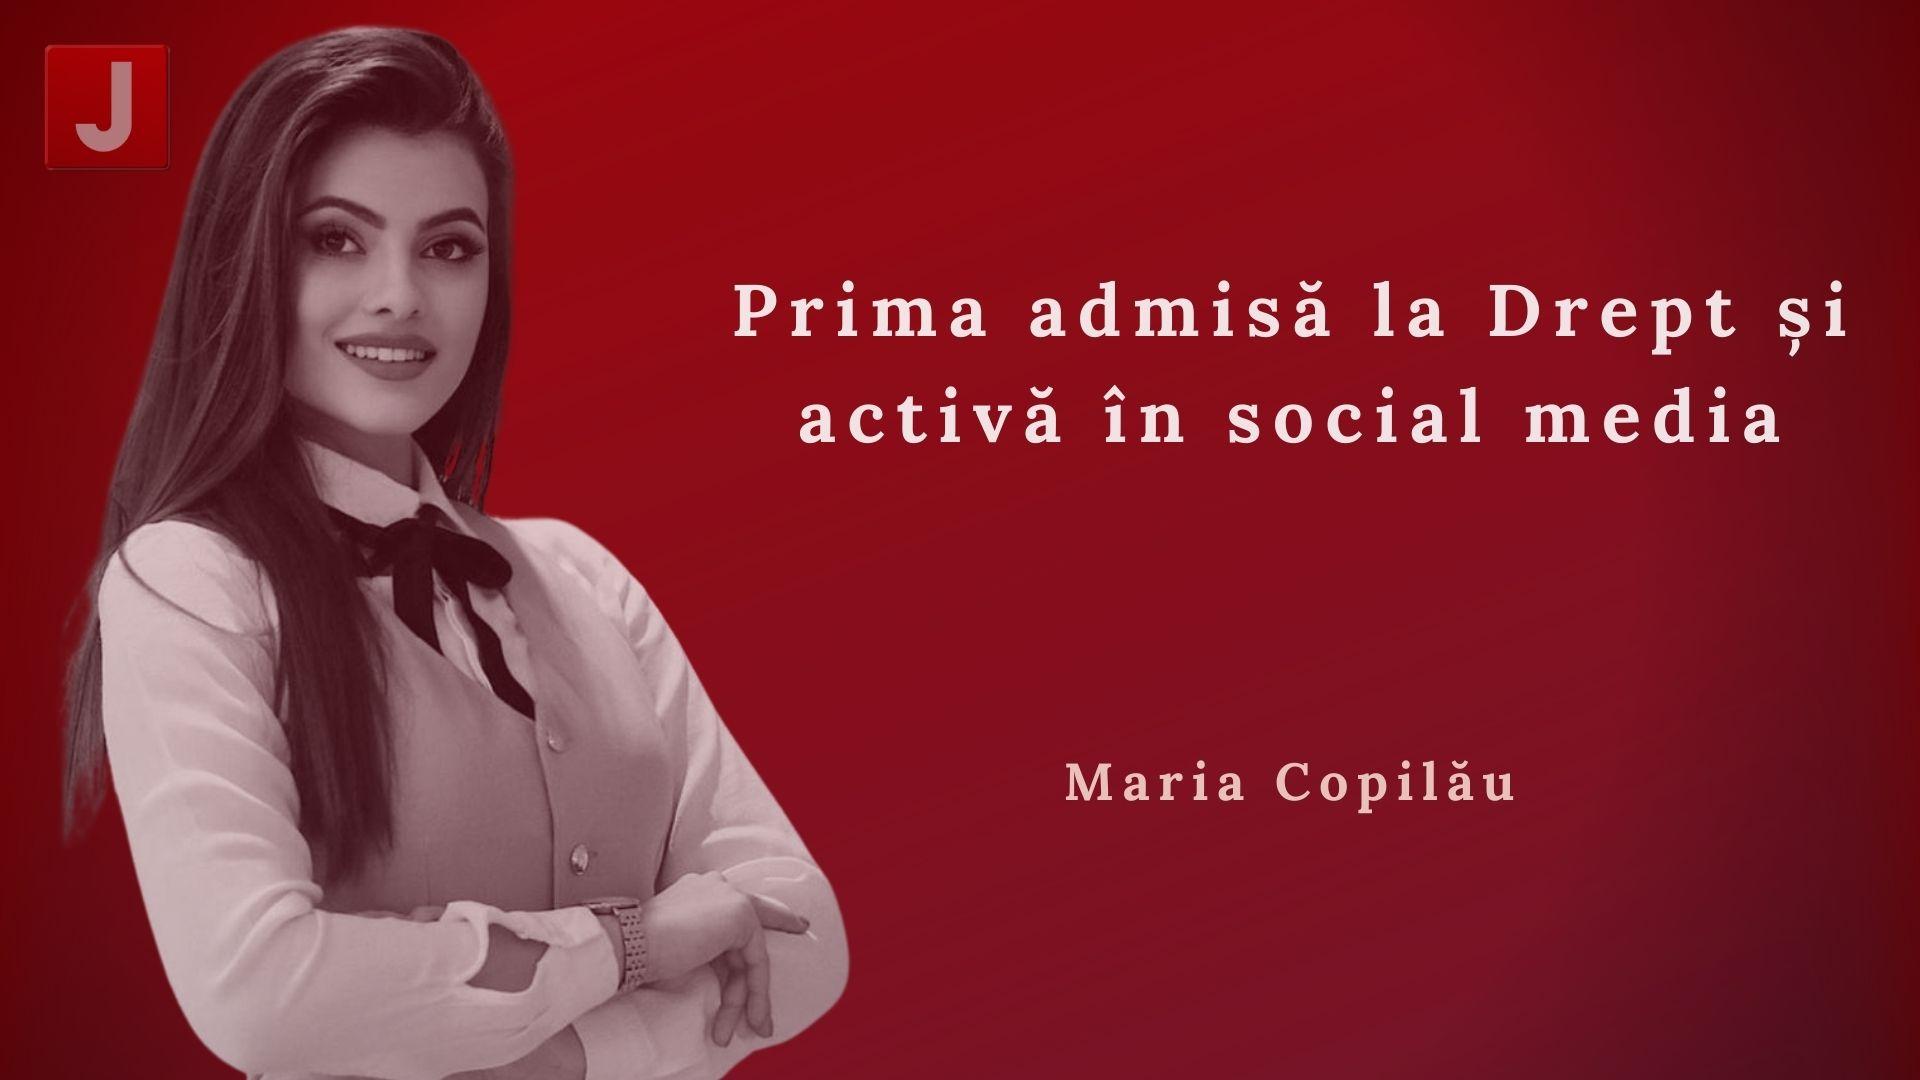 Maria Copilău: Prima admisă la Drept și activă în social media